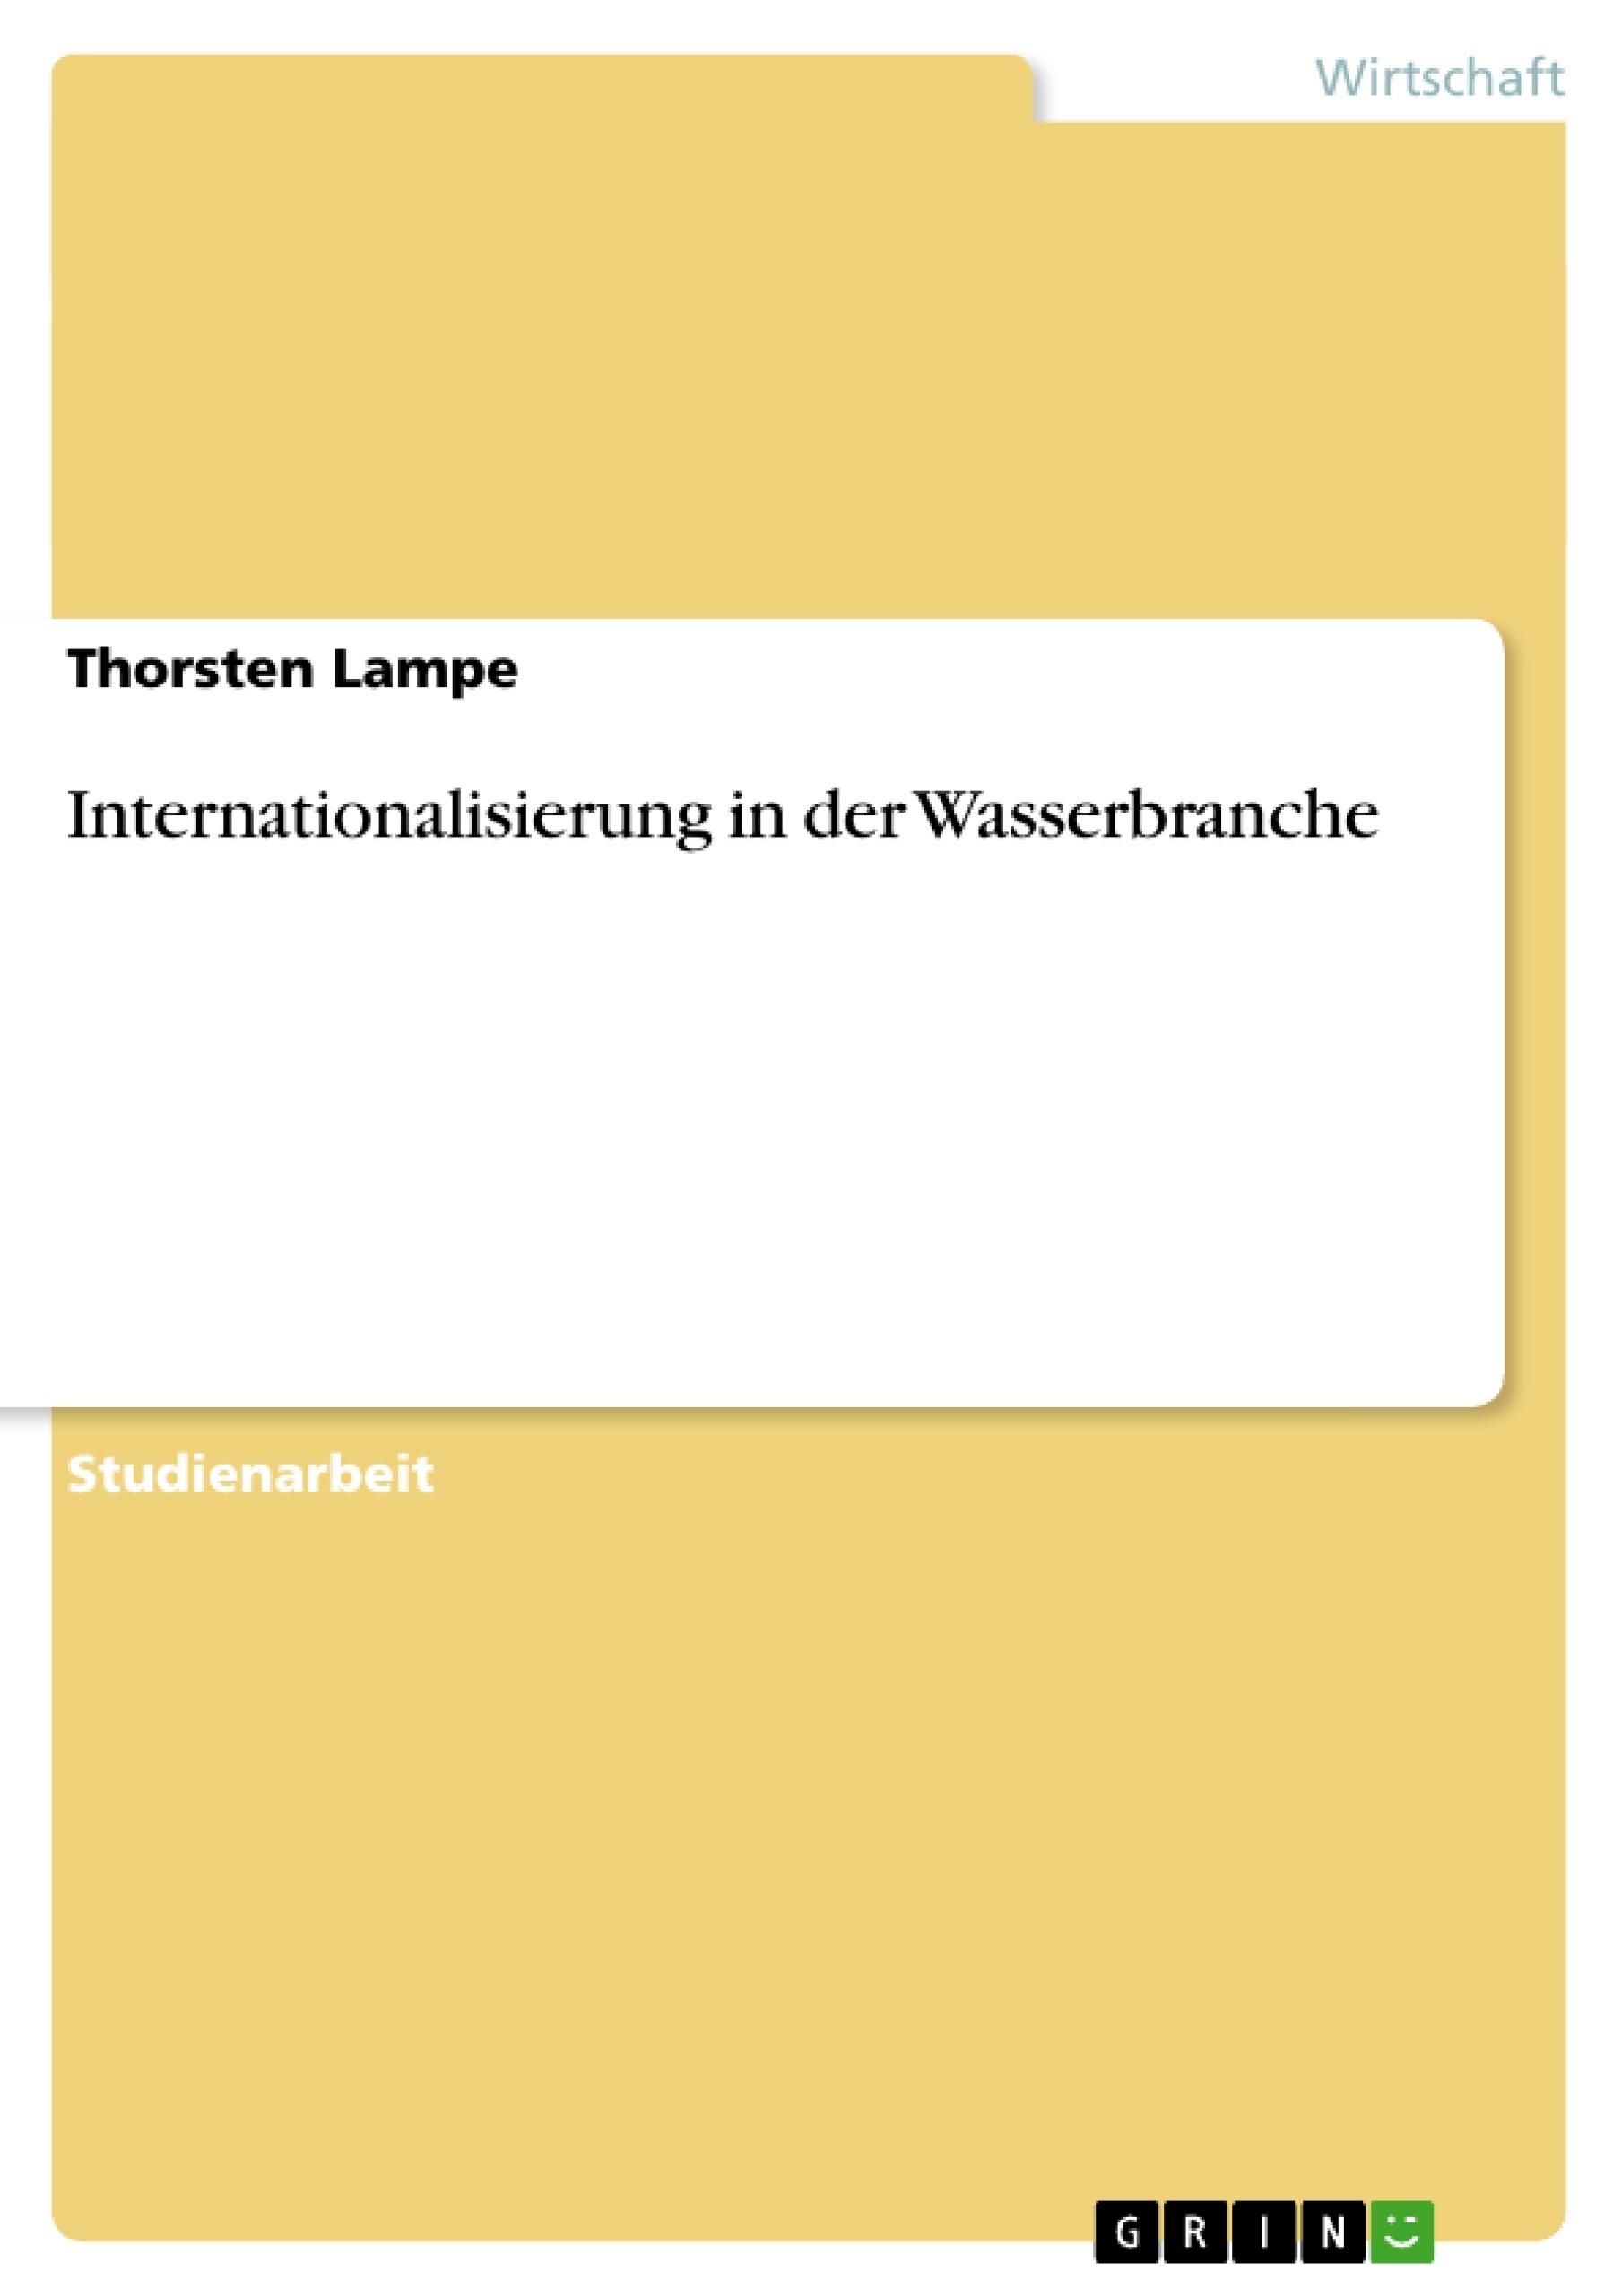 Titel: Internationalisierung in der Wasserbranche